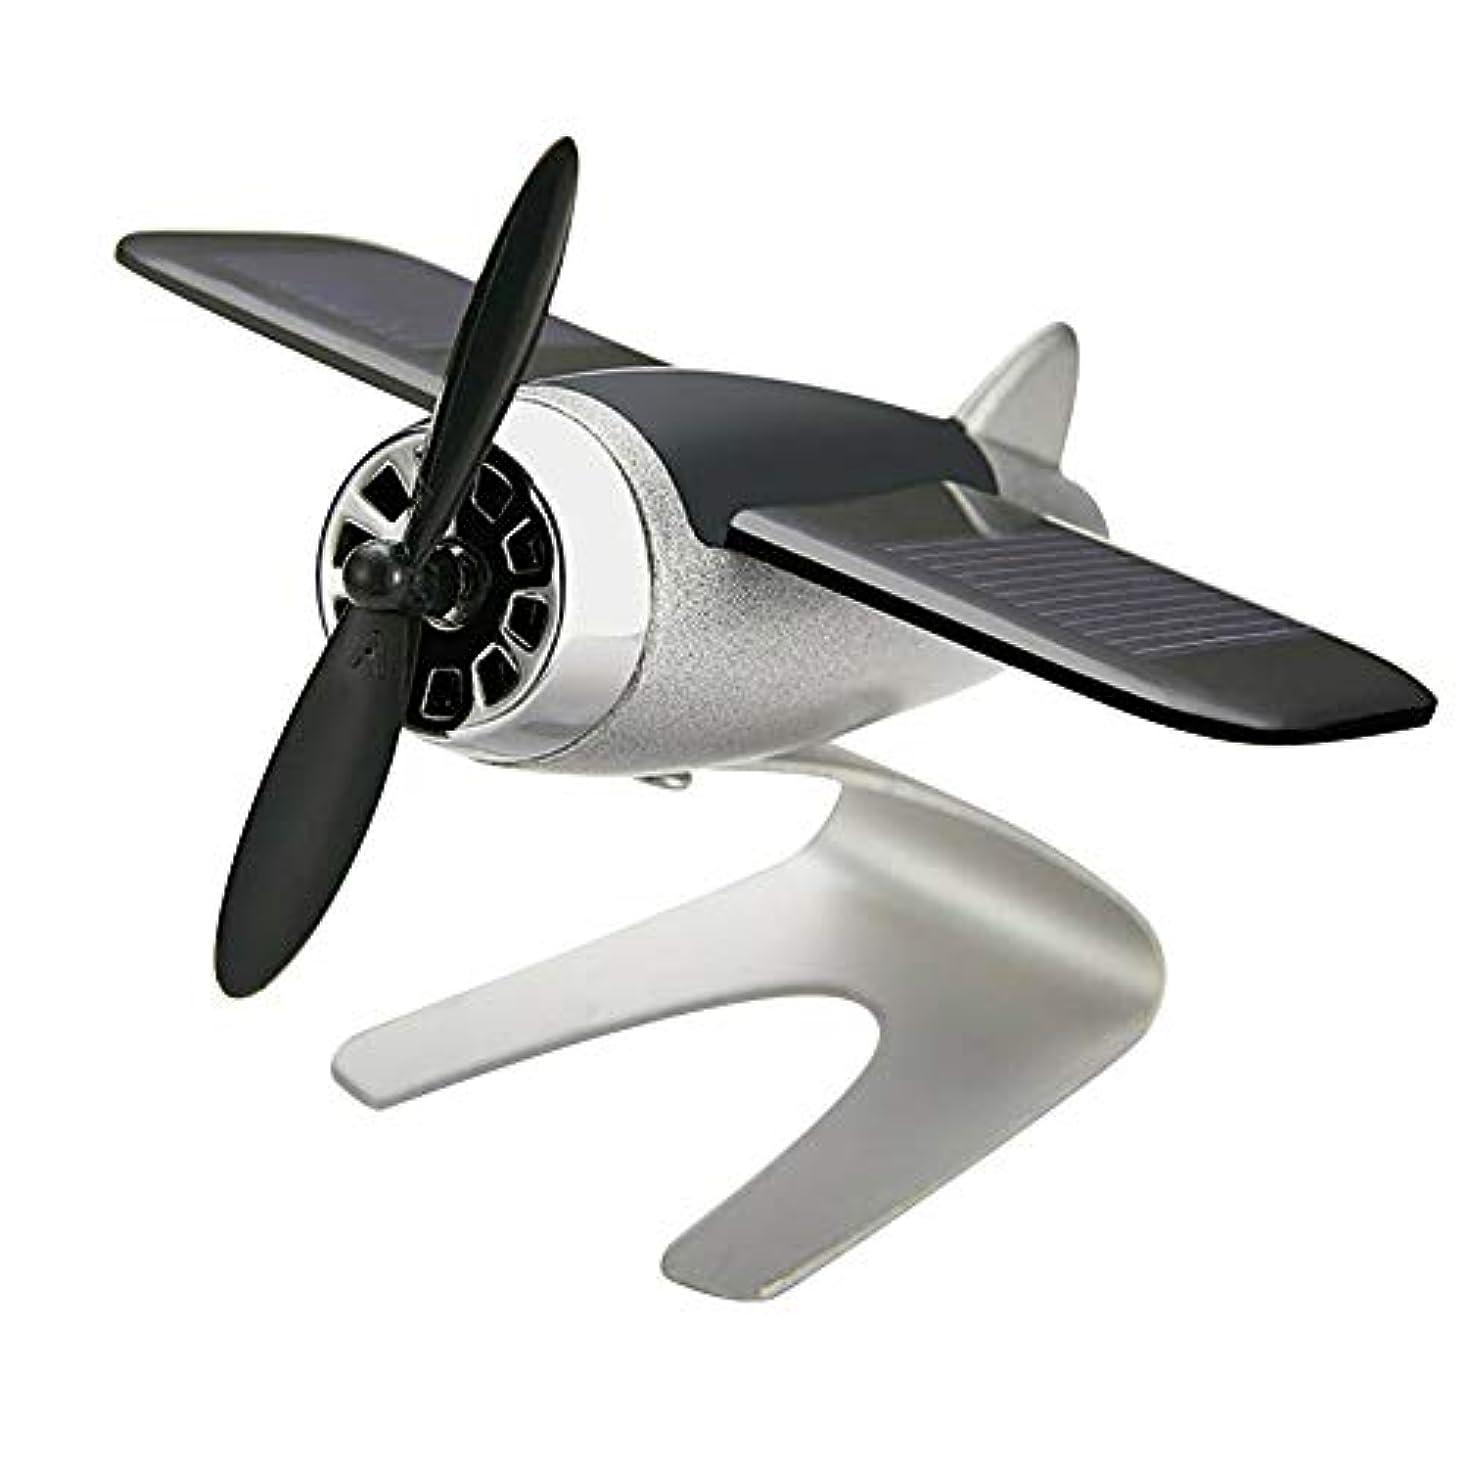 秀でるお茶レベルSymboat 車の芳香剤飛行機航空機モデル太陽エネルギーアロマテラピー室内装飾